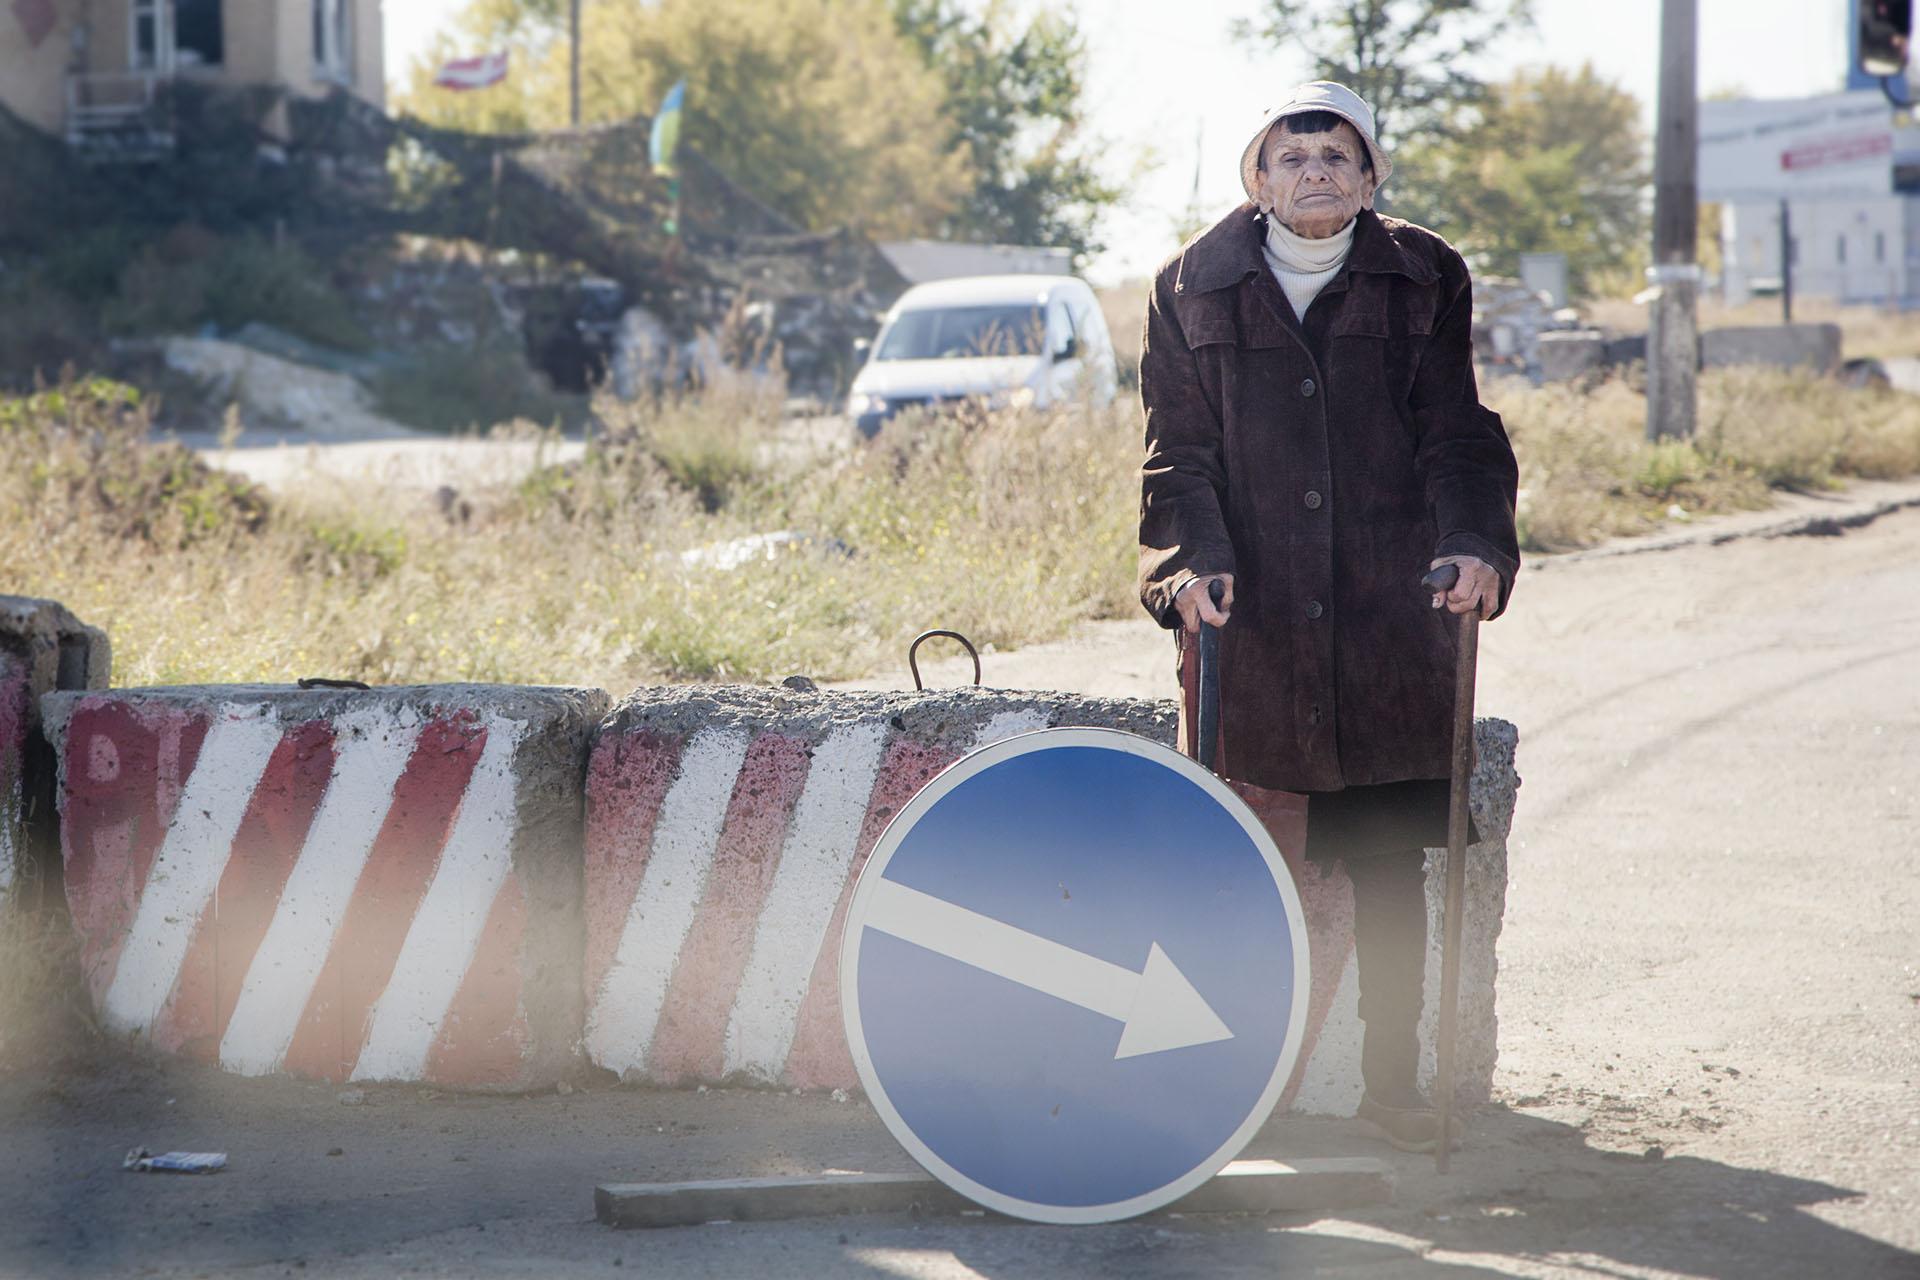 Las restricciones a la movilidad son una dura carga para la población / (Kramatorsk).